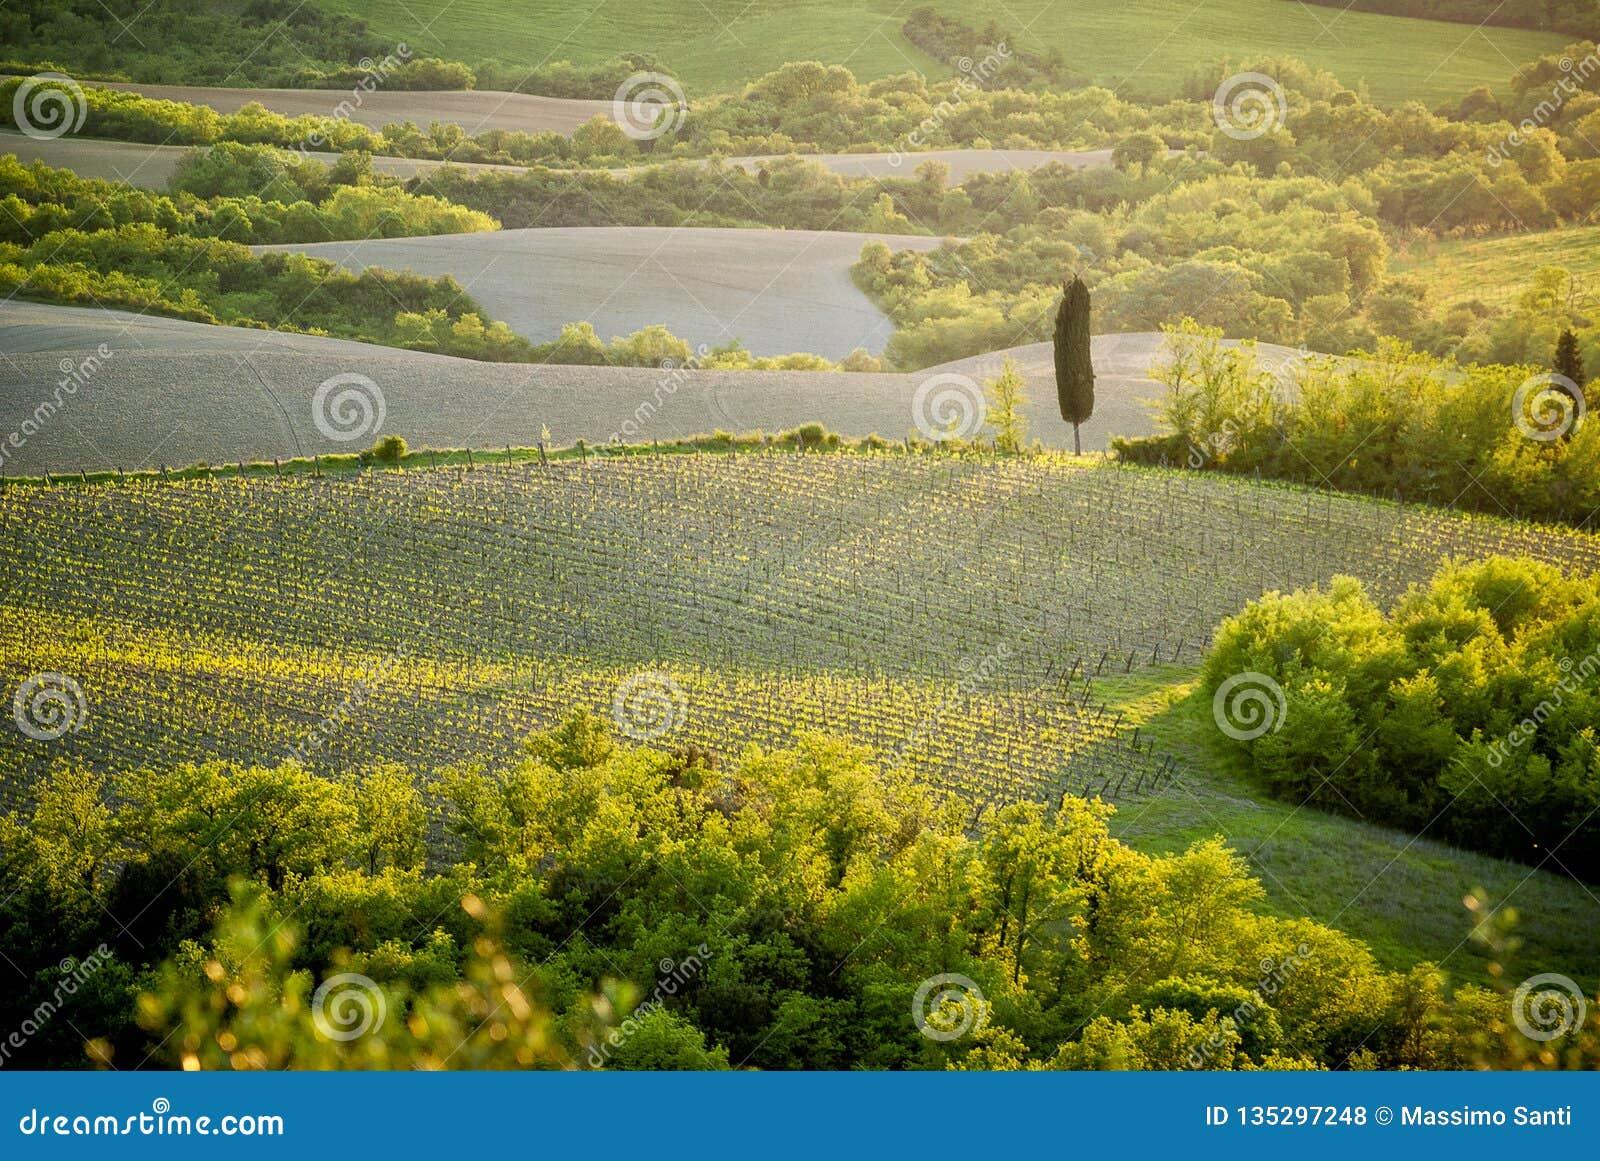 Collines de chianti avec les vignobles et le cyprès Paysage toscan entre Sienne et Florence l Italie